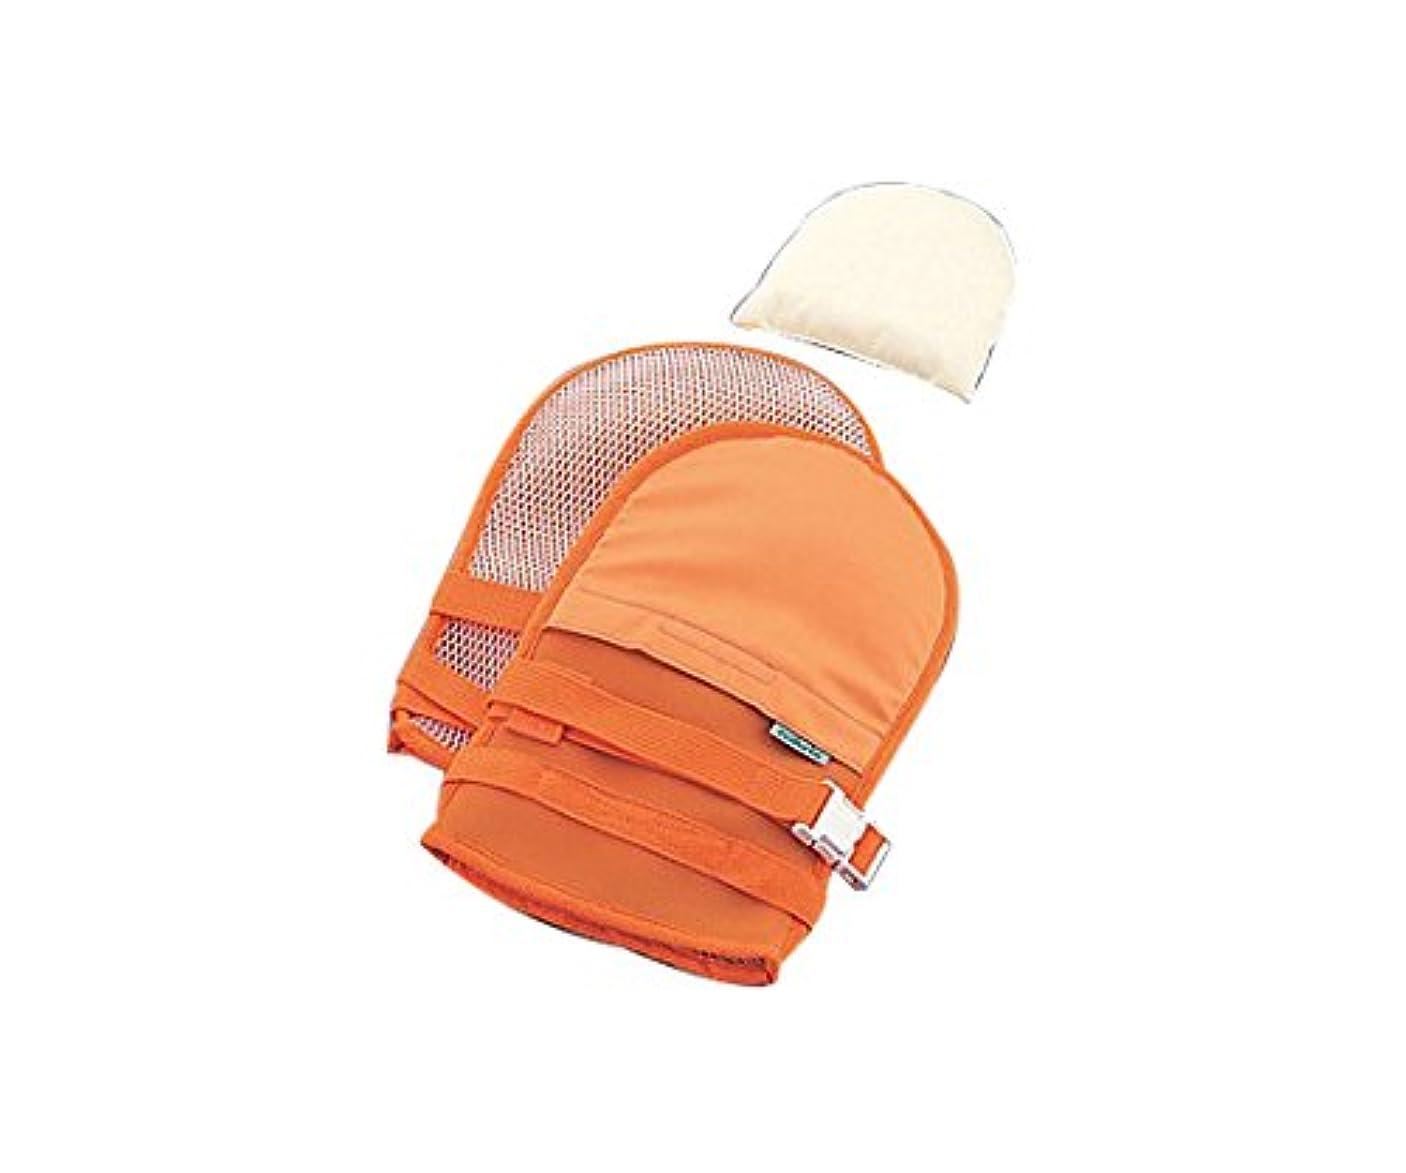 減る責め気取らないナビス(アズワン)0-1638-41抜管防止手袋大メッシュオレンジ